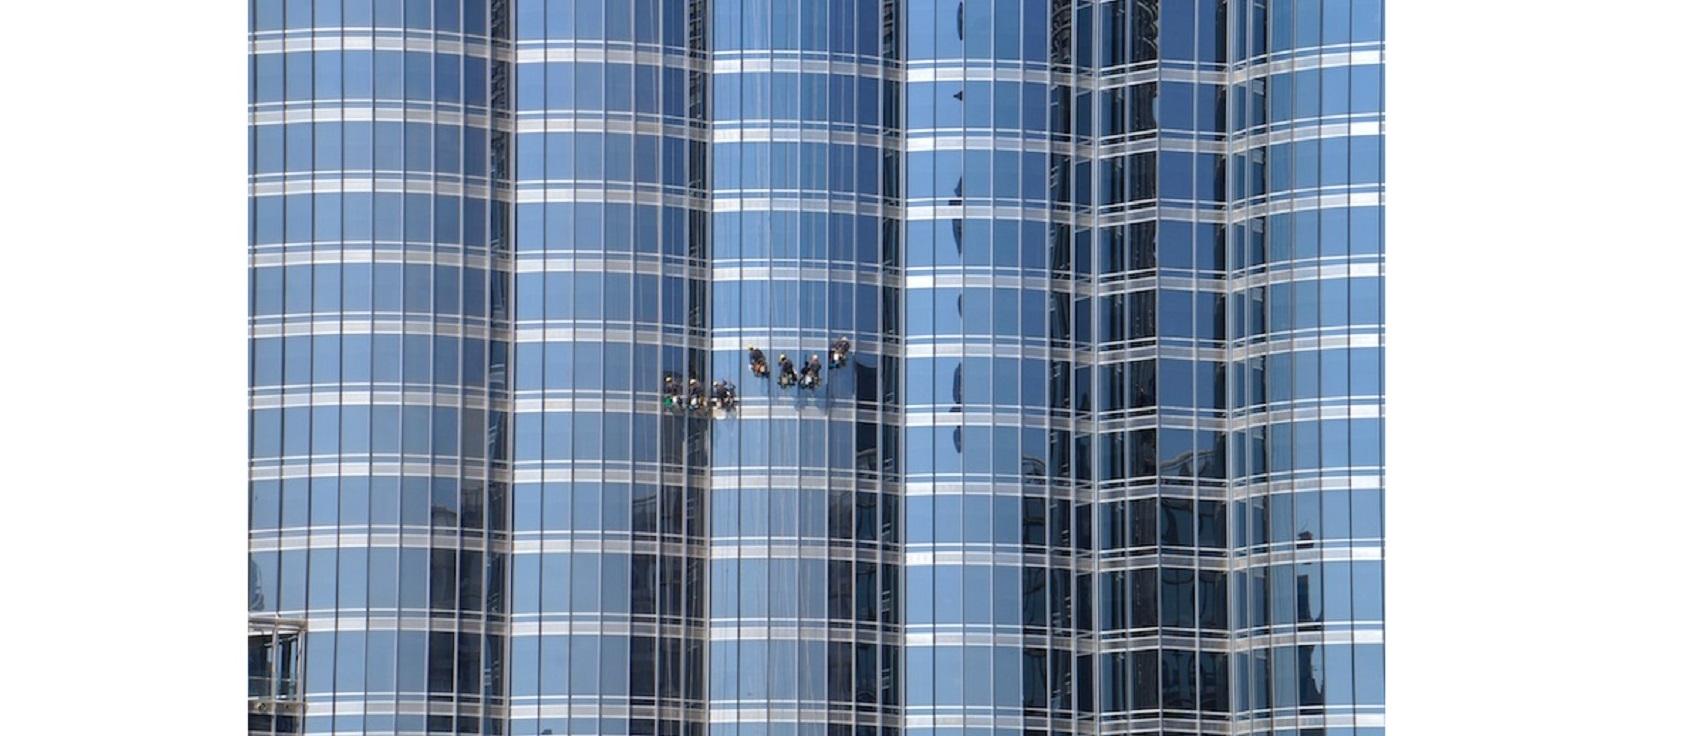 Fensterputzen-am-Burj-Khalifa-2